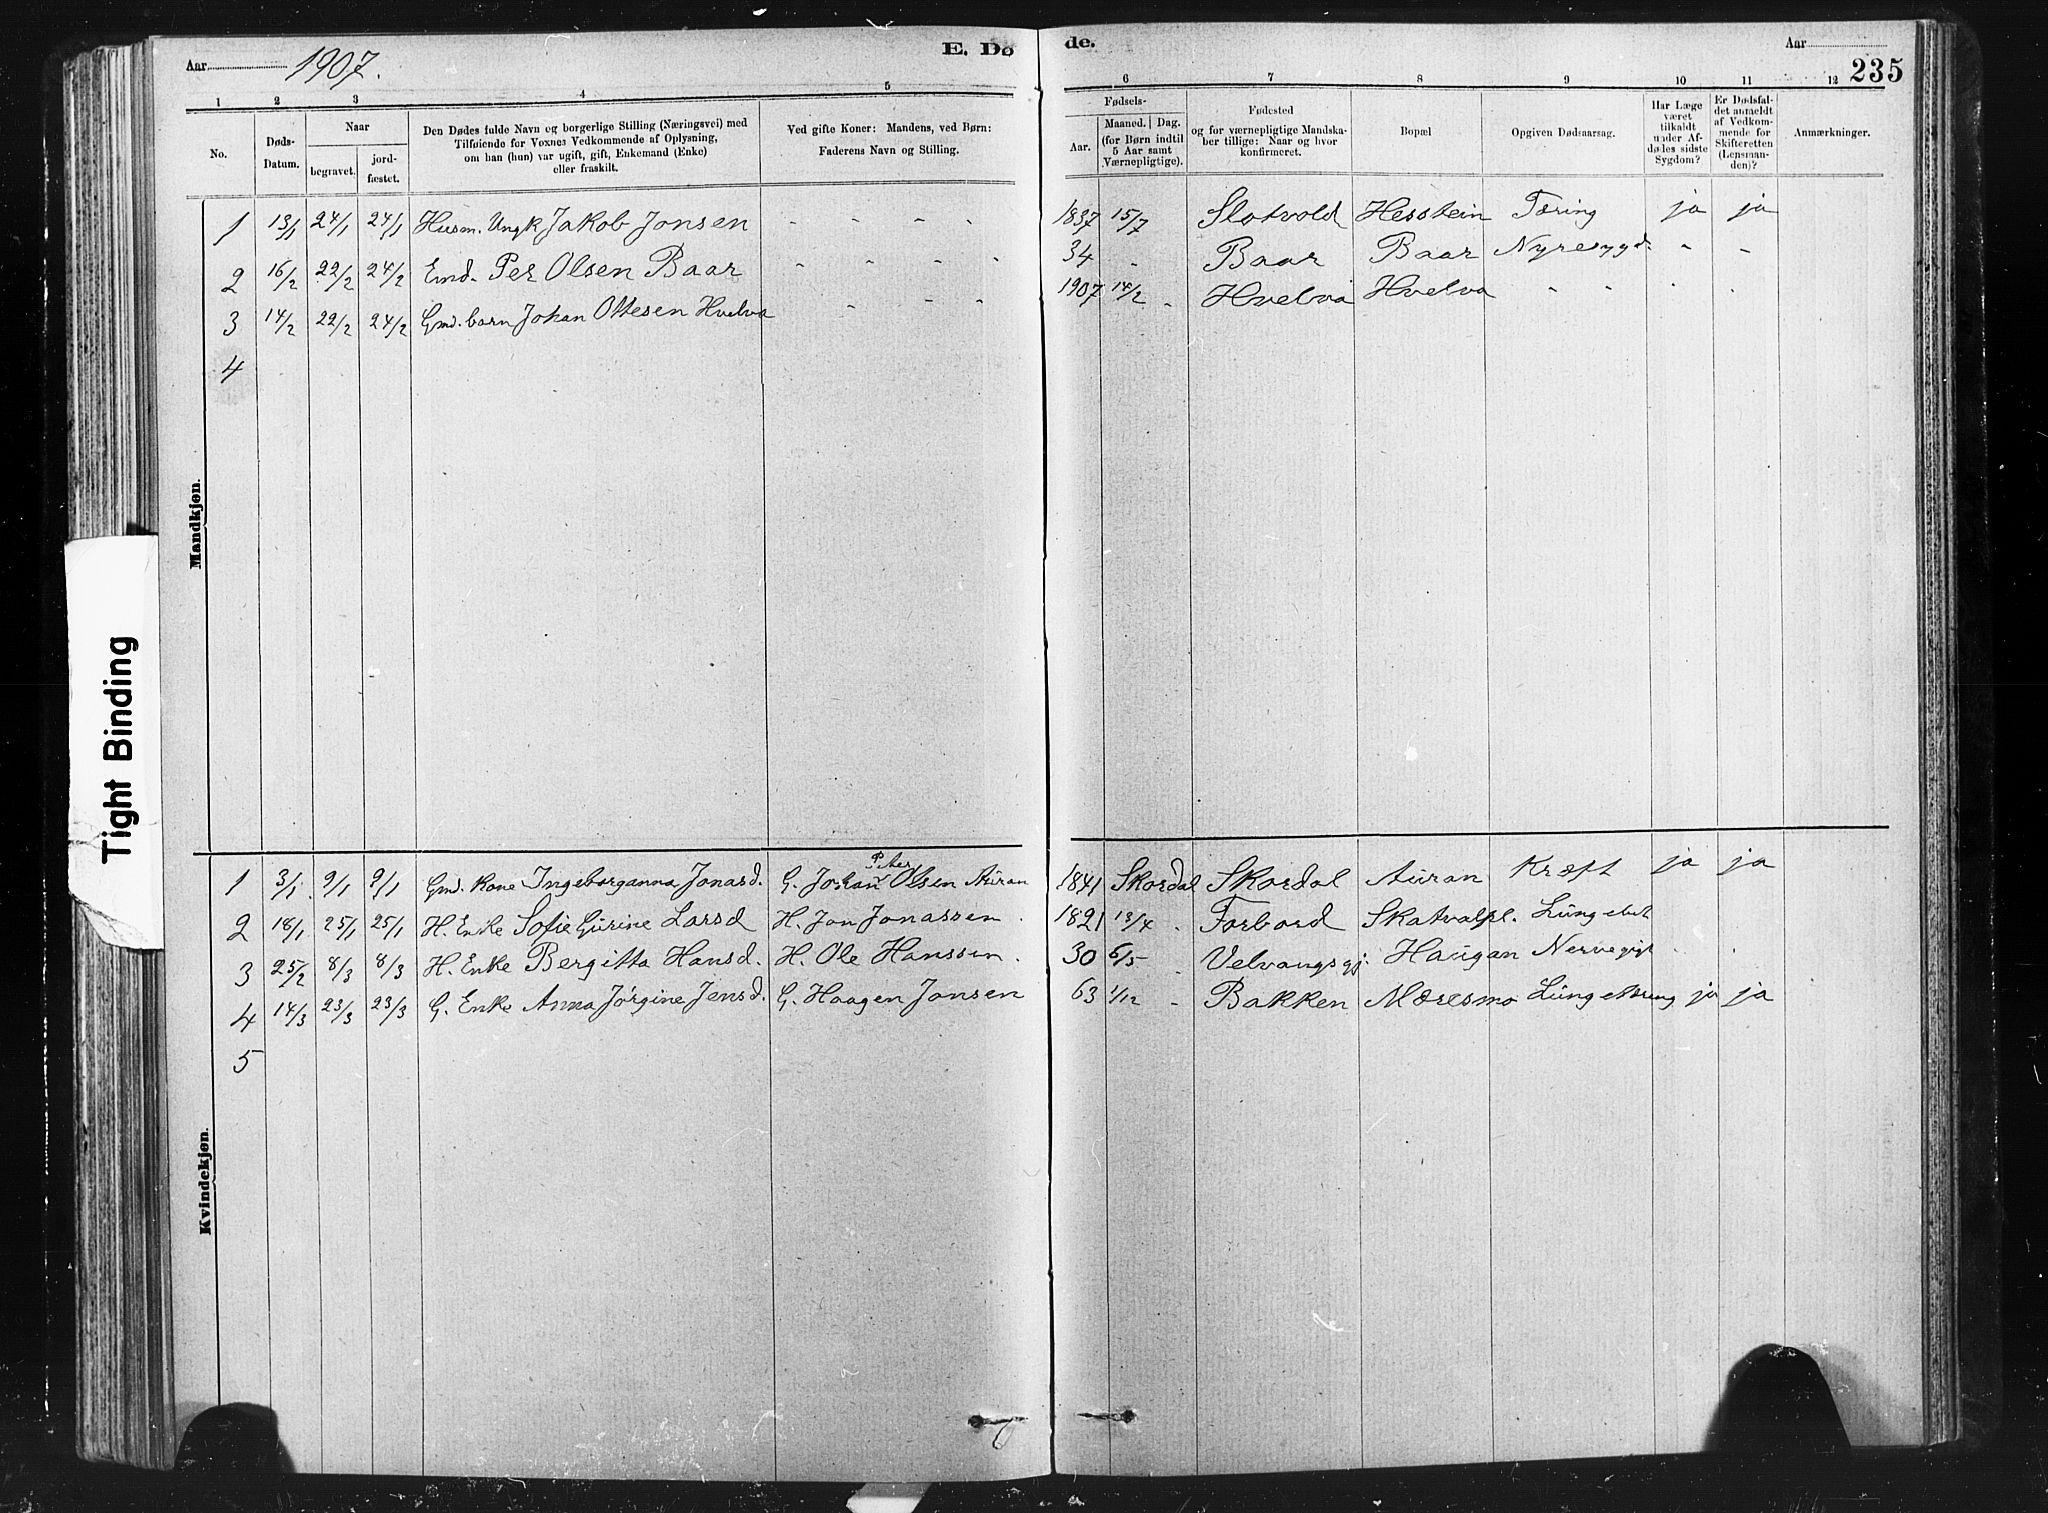 SAT, Ministerialprotokoller, klokkerbøker og fødselsregistre - Nord-Trøndelag, 712/L0103: Klokkerbok nr. 712C01, 1878-1917, s. 235